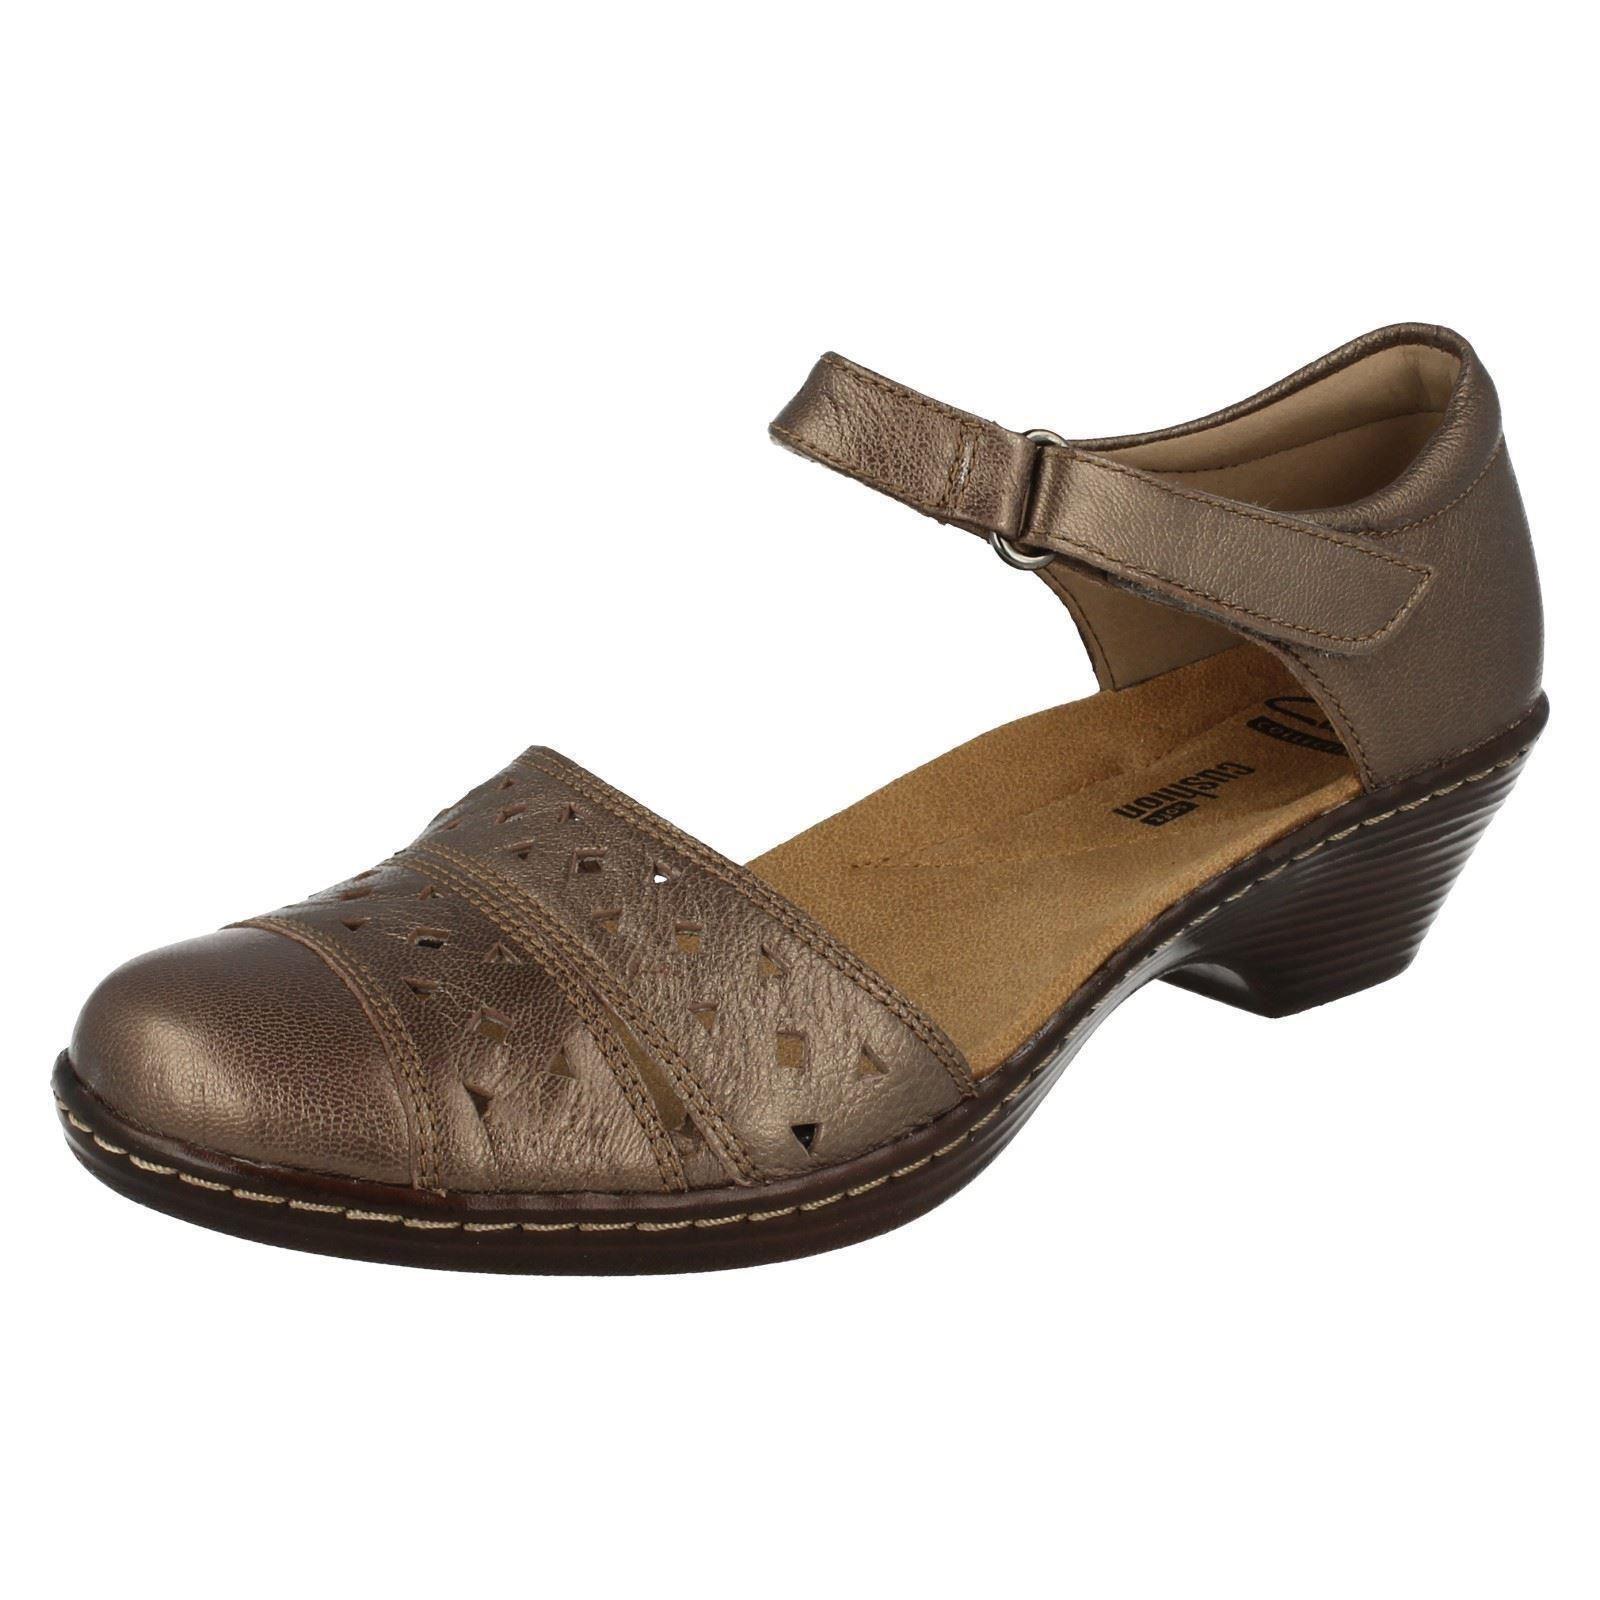 Clarks Wendy Laurel Hartzinn Damen Leder Schuhe- D Fitt (38b) Kett )